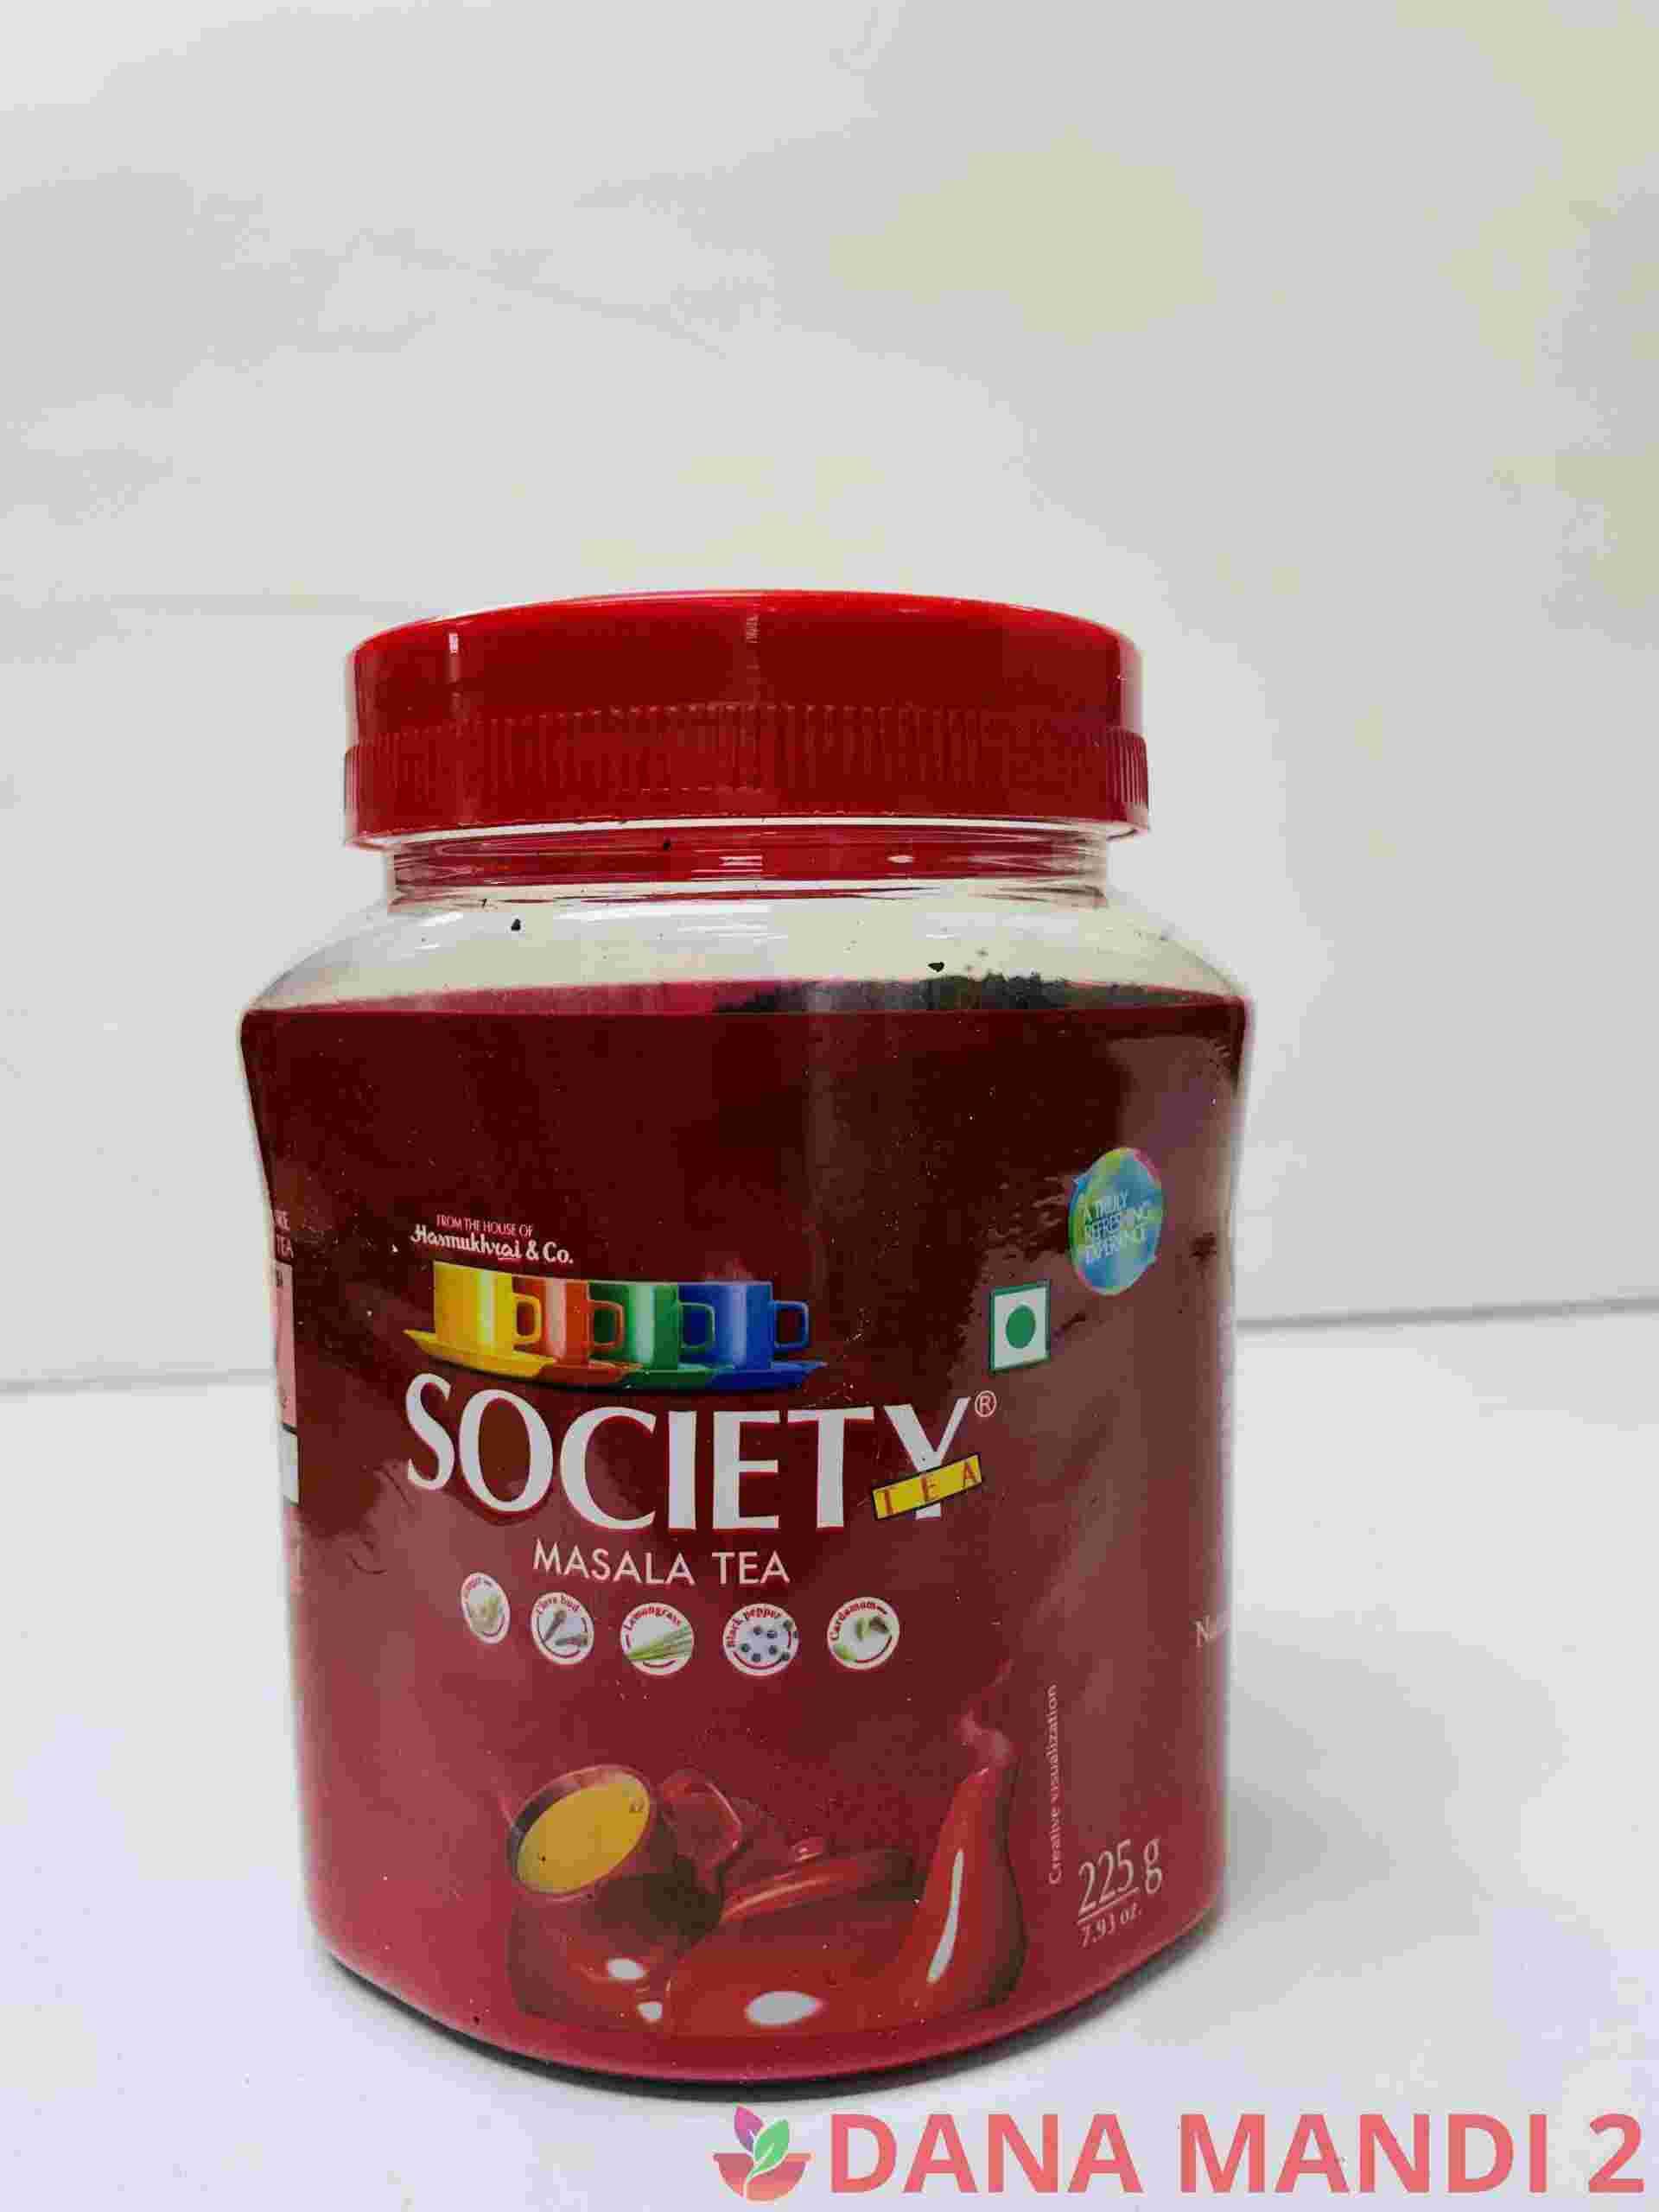 SOCIETY Masala Tea